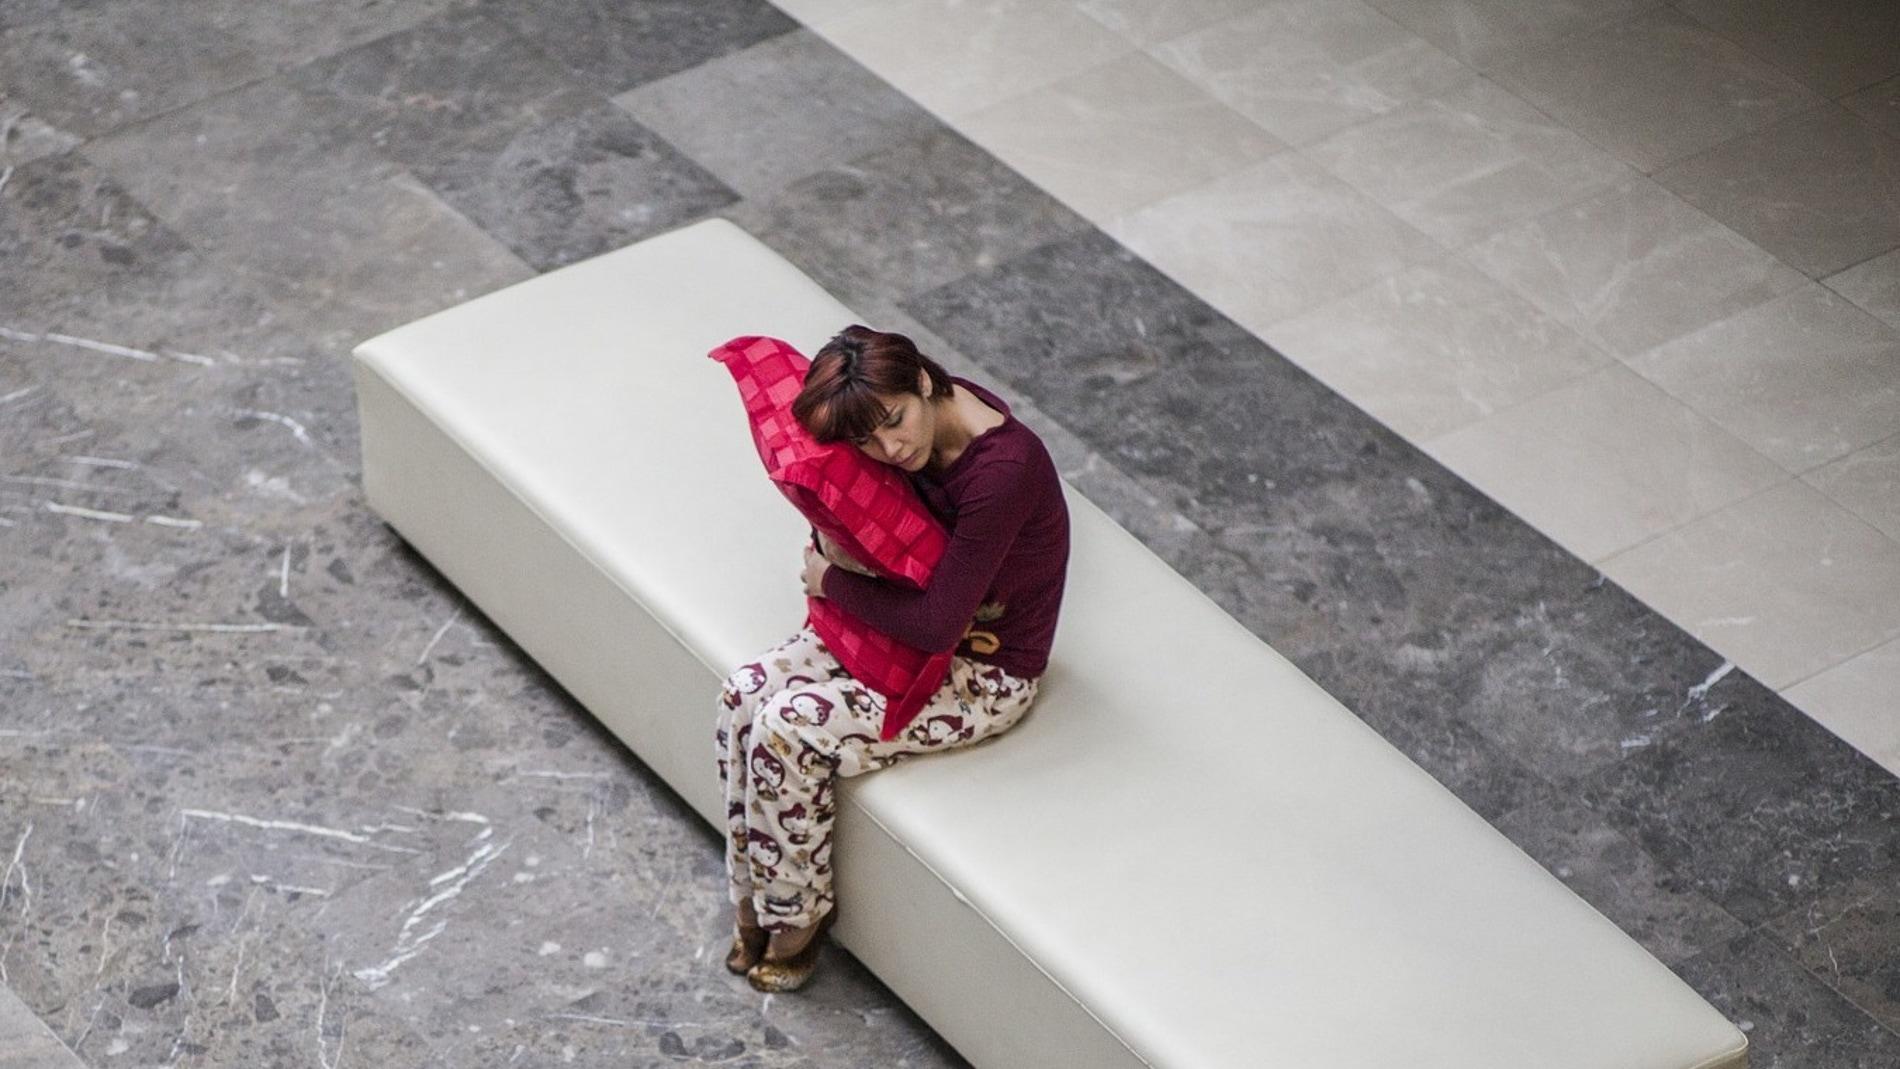 Las alteraciones del sueño pueden contribuir al desarrollo de problemas de salud.